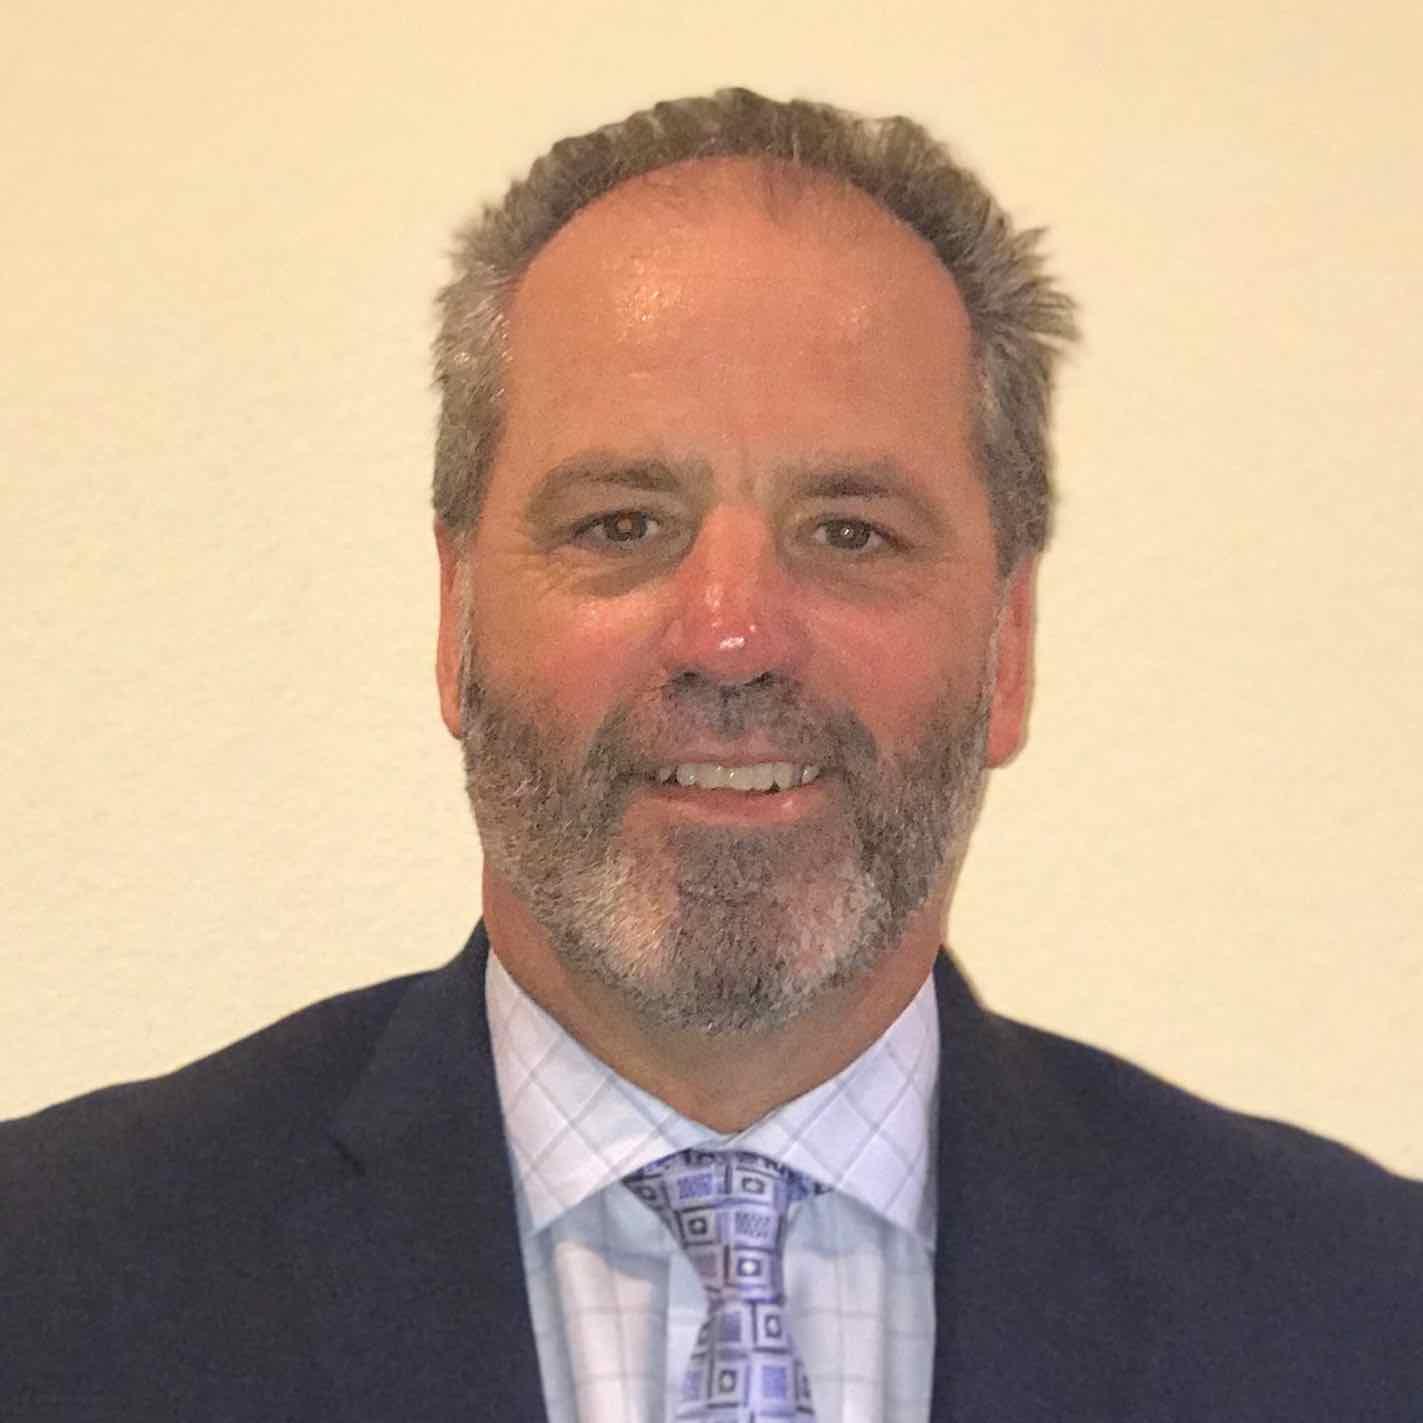 Barry Schwerdt, Sr. Bio Image